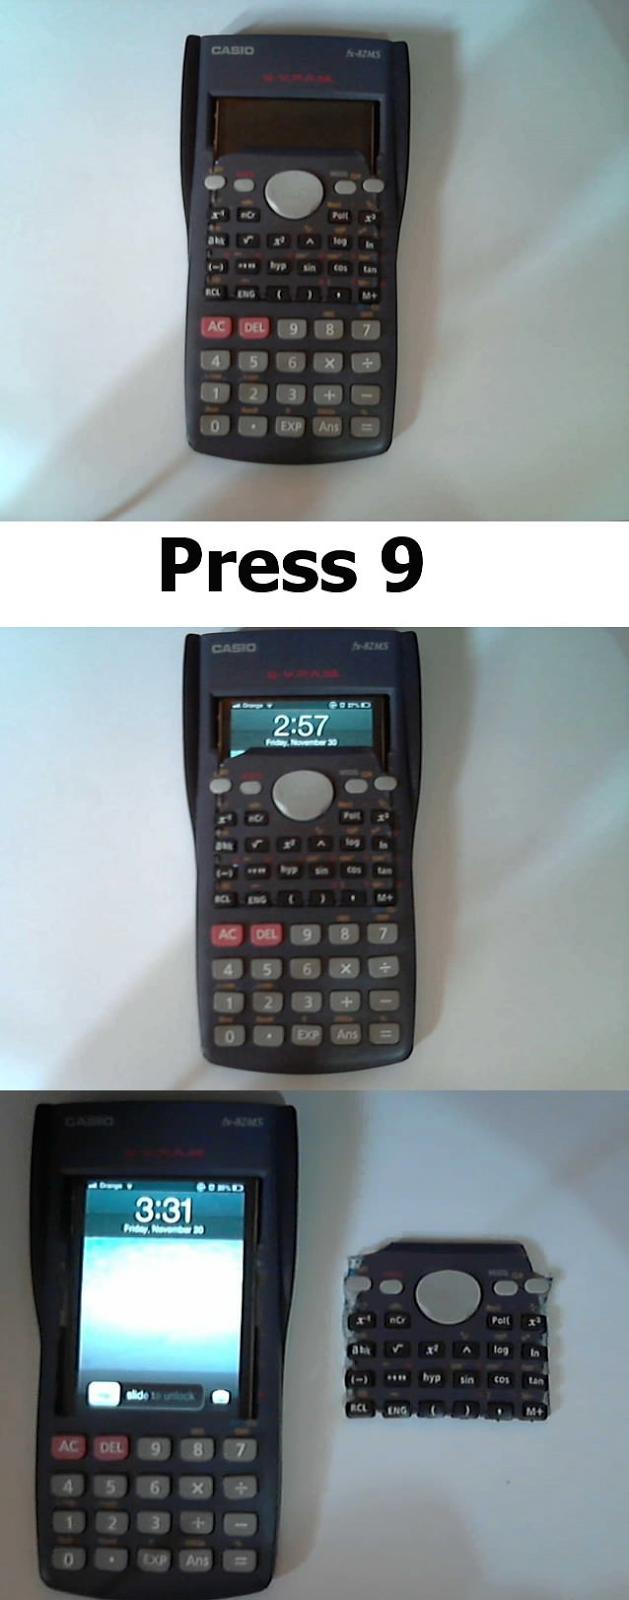 cara bawak iphone dalam dewan peperiksaan